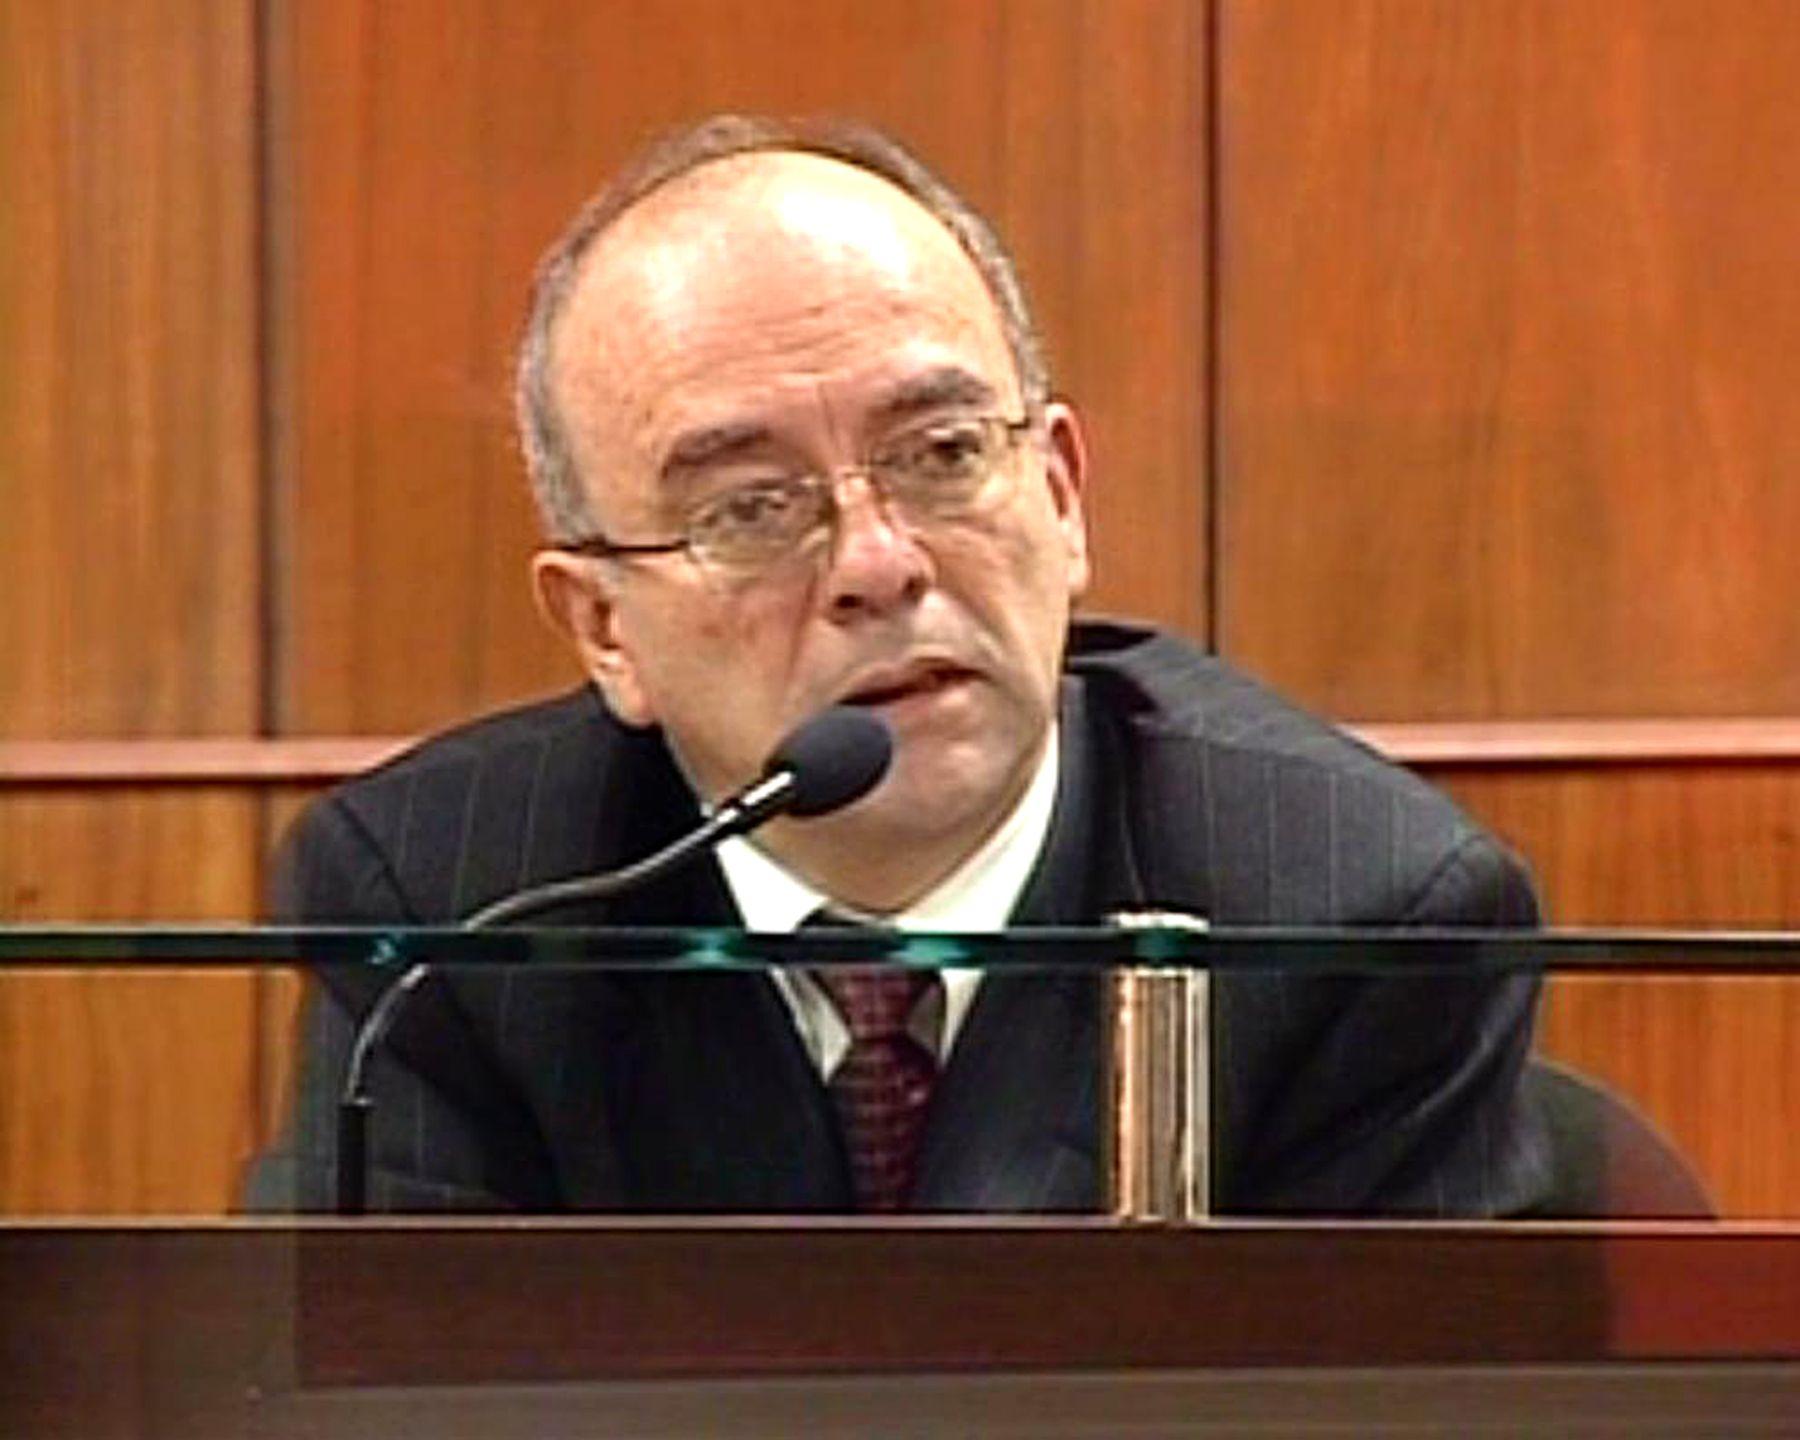 Carlos Iván Degregori, ex comisionado de la CVR. Foto: ANDINA/Cortesía.